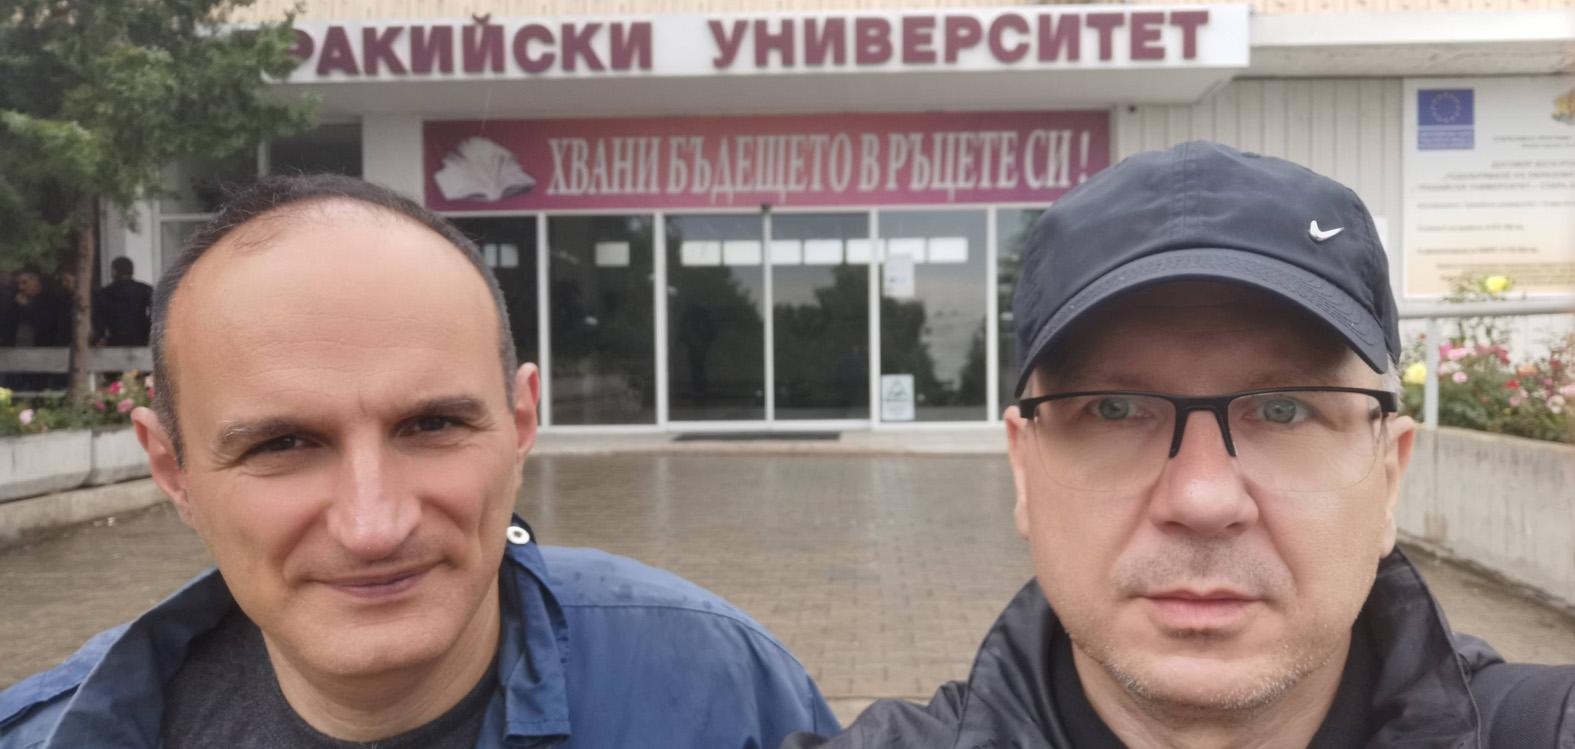 Dwóch mężczyzn stoi na pierwszym planie. W tle budynek uczelni.